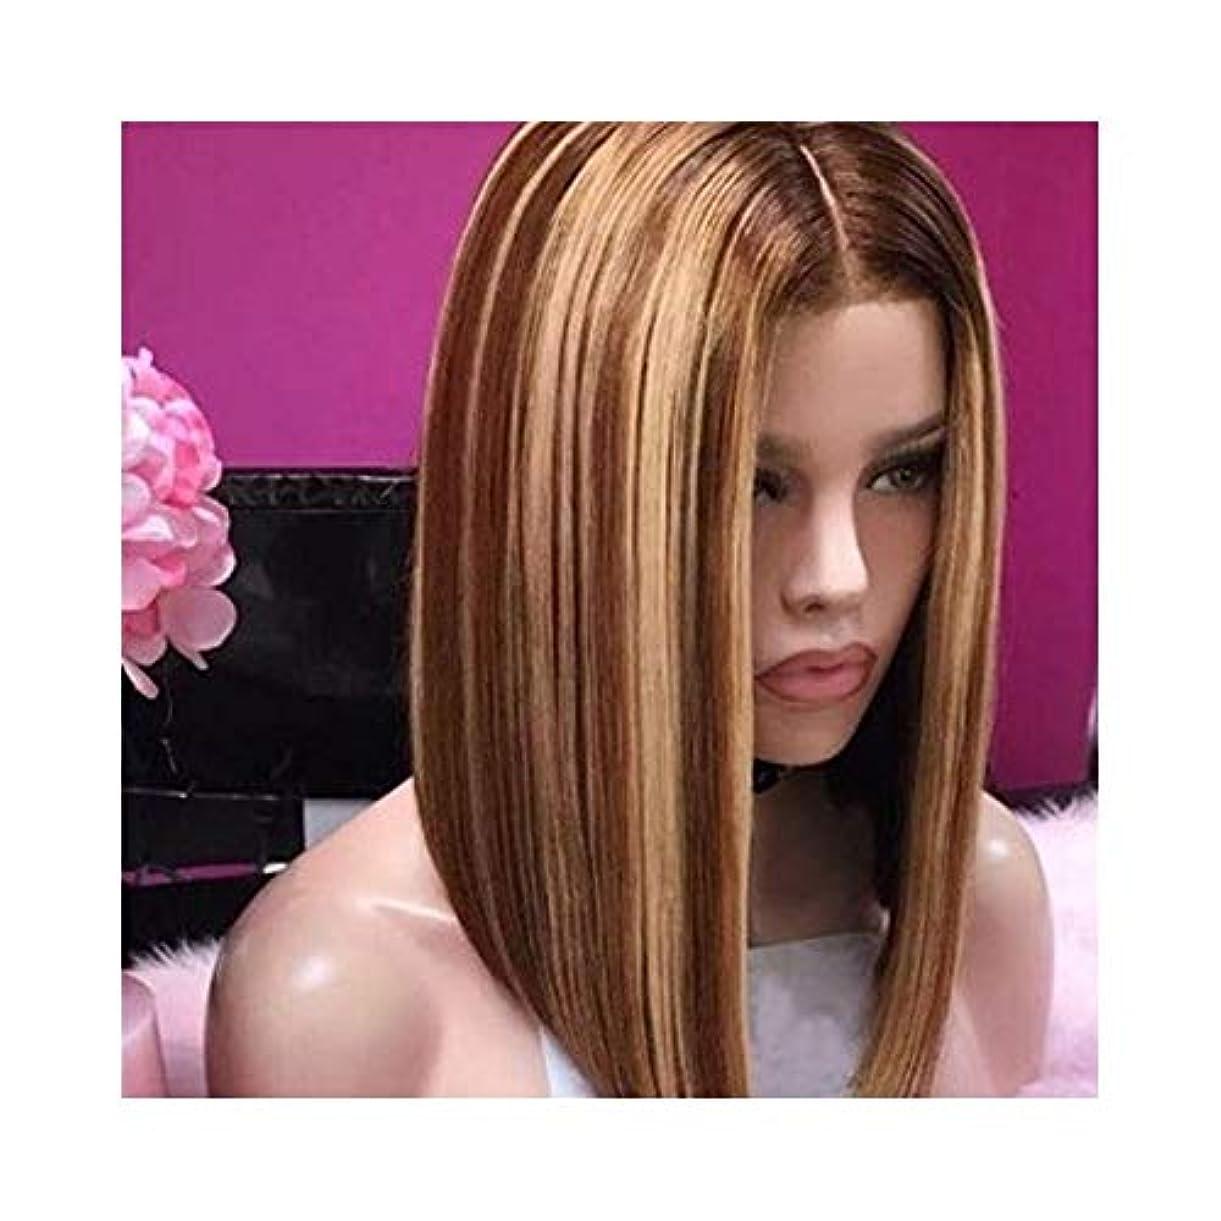 選択シュガー囲むYOUQIU 女子ミックスゴールドのハイライトボブショートストレートヘアウィッグ耐熱ウィッグ (色 : Photo Color)